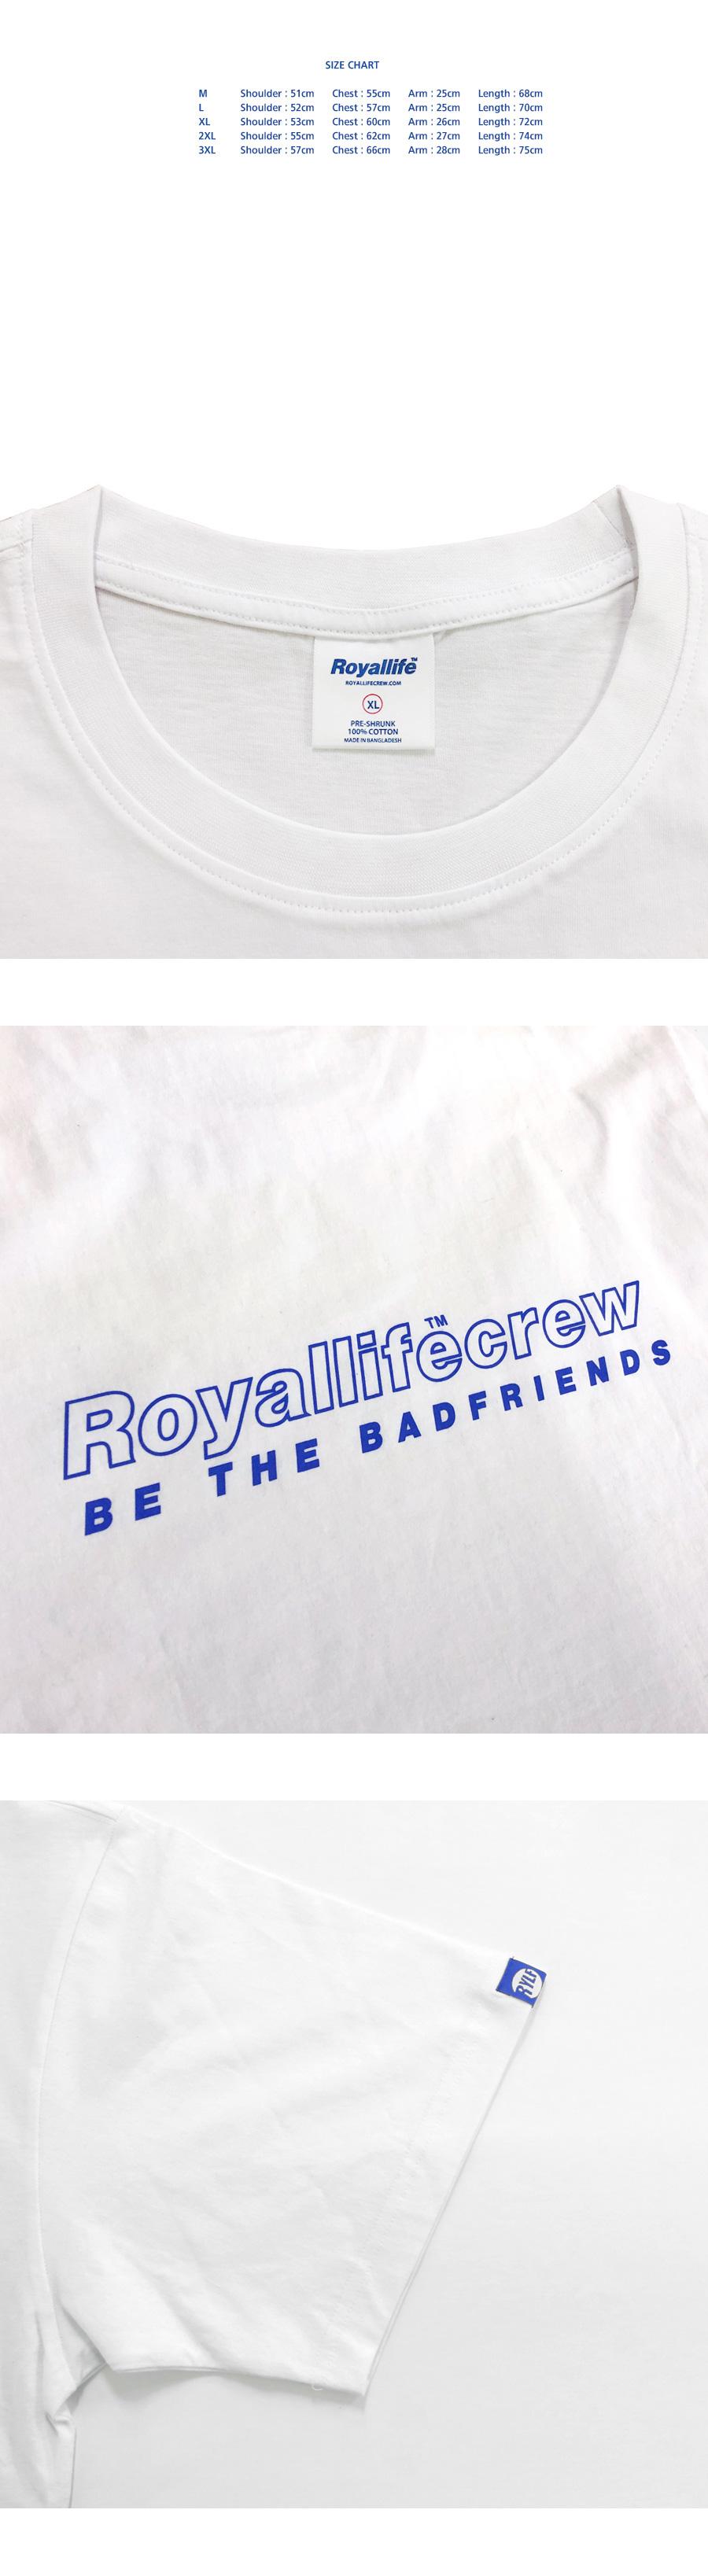 로얄라이프(ROYALLIFE) RL442 스트로크 로얄라이프 크루 로고 반팔 티셔츠  - 블랙